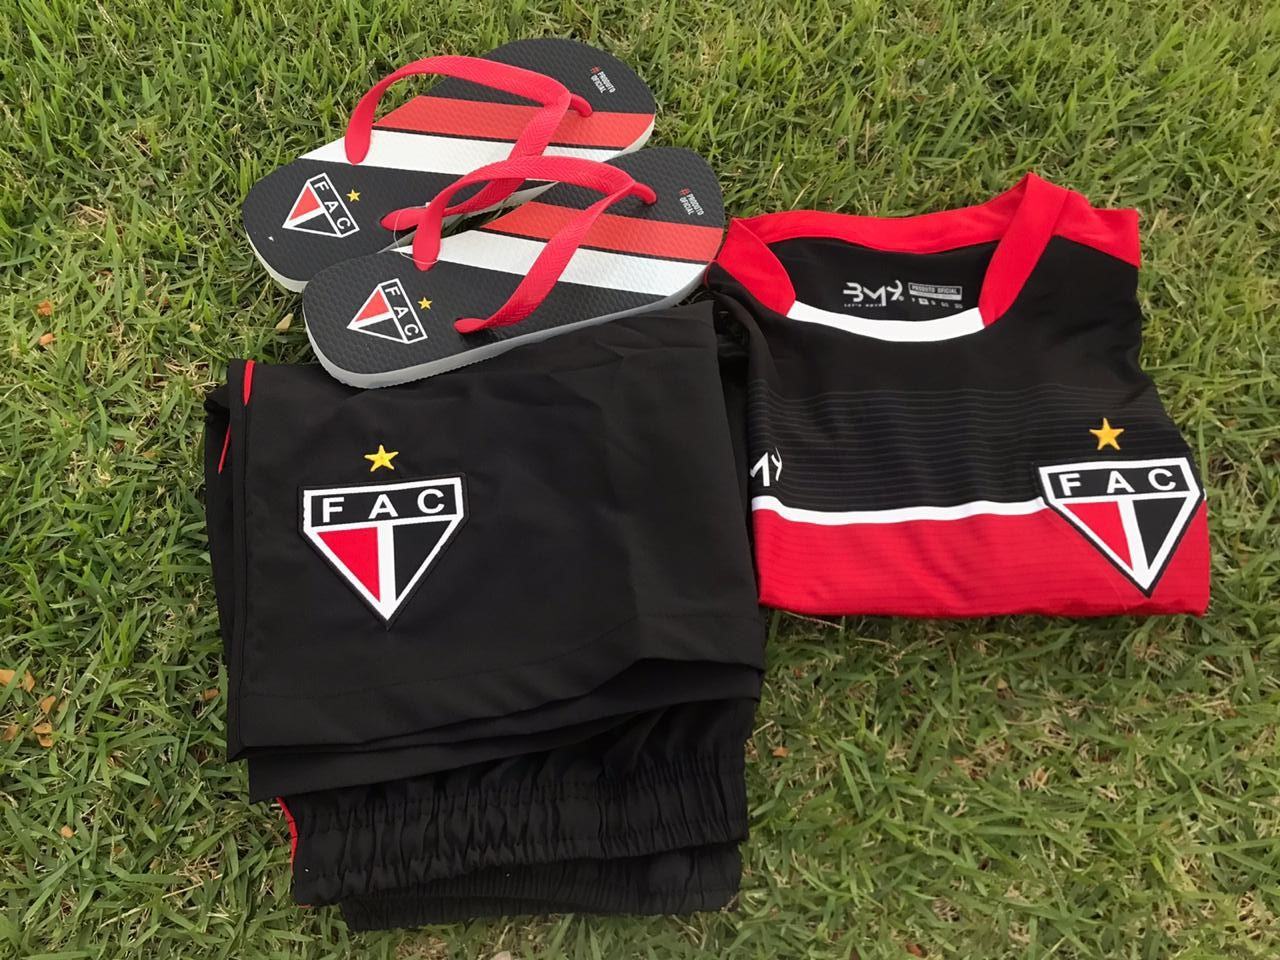 Kit dos pais (camisa treino + bermuda + chinelo + caixa)  - Ferrão Store